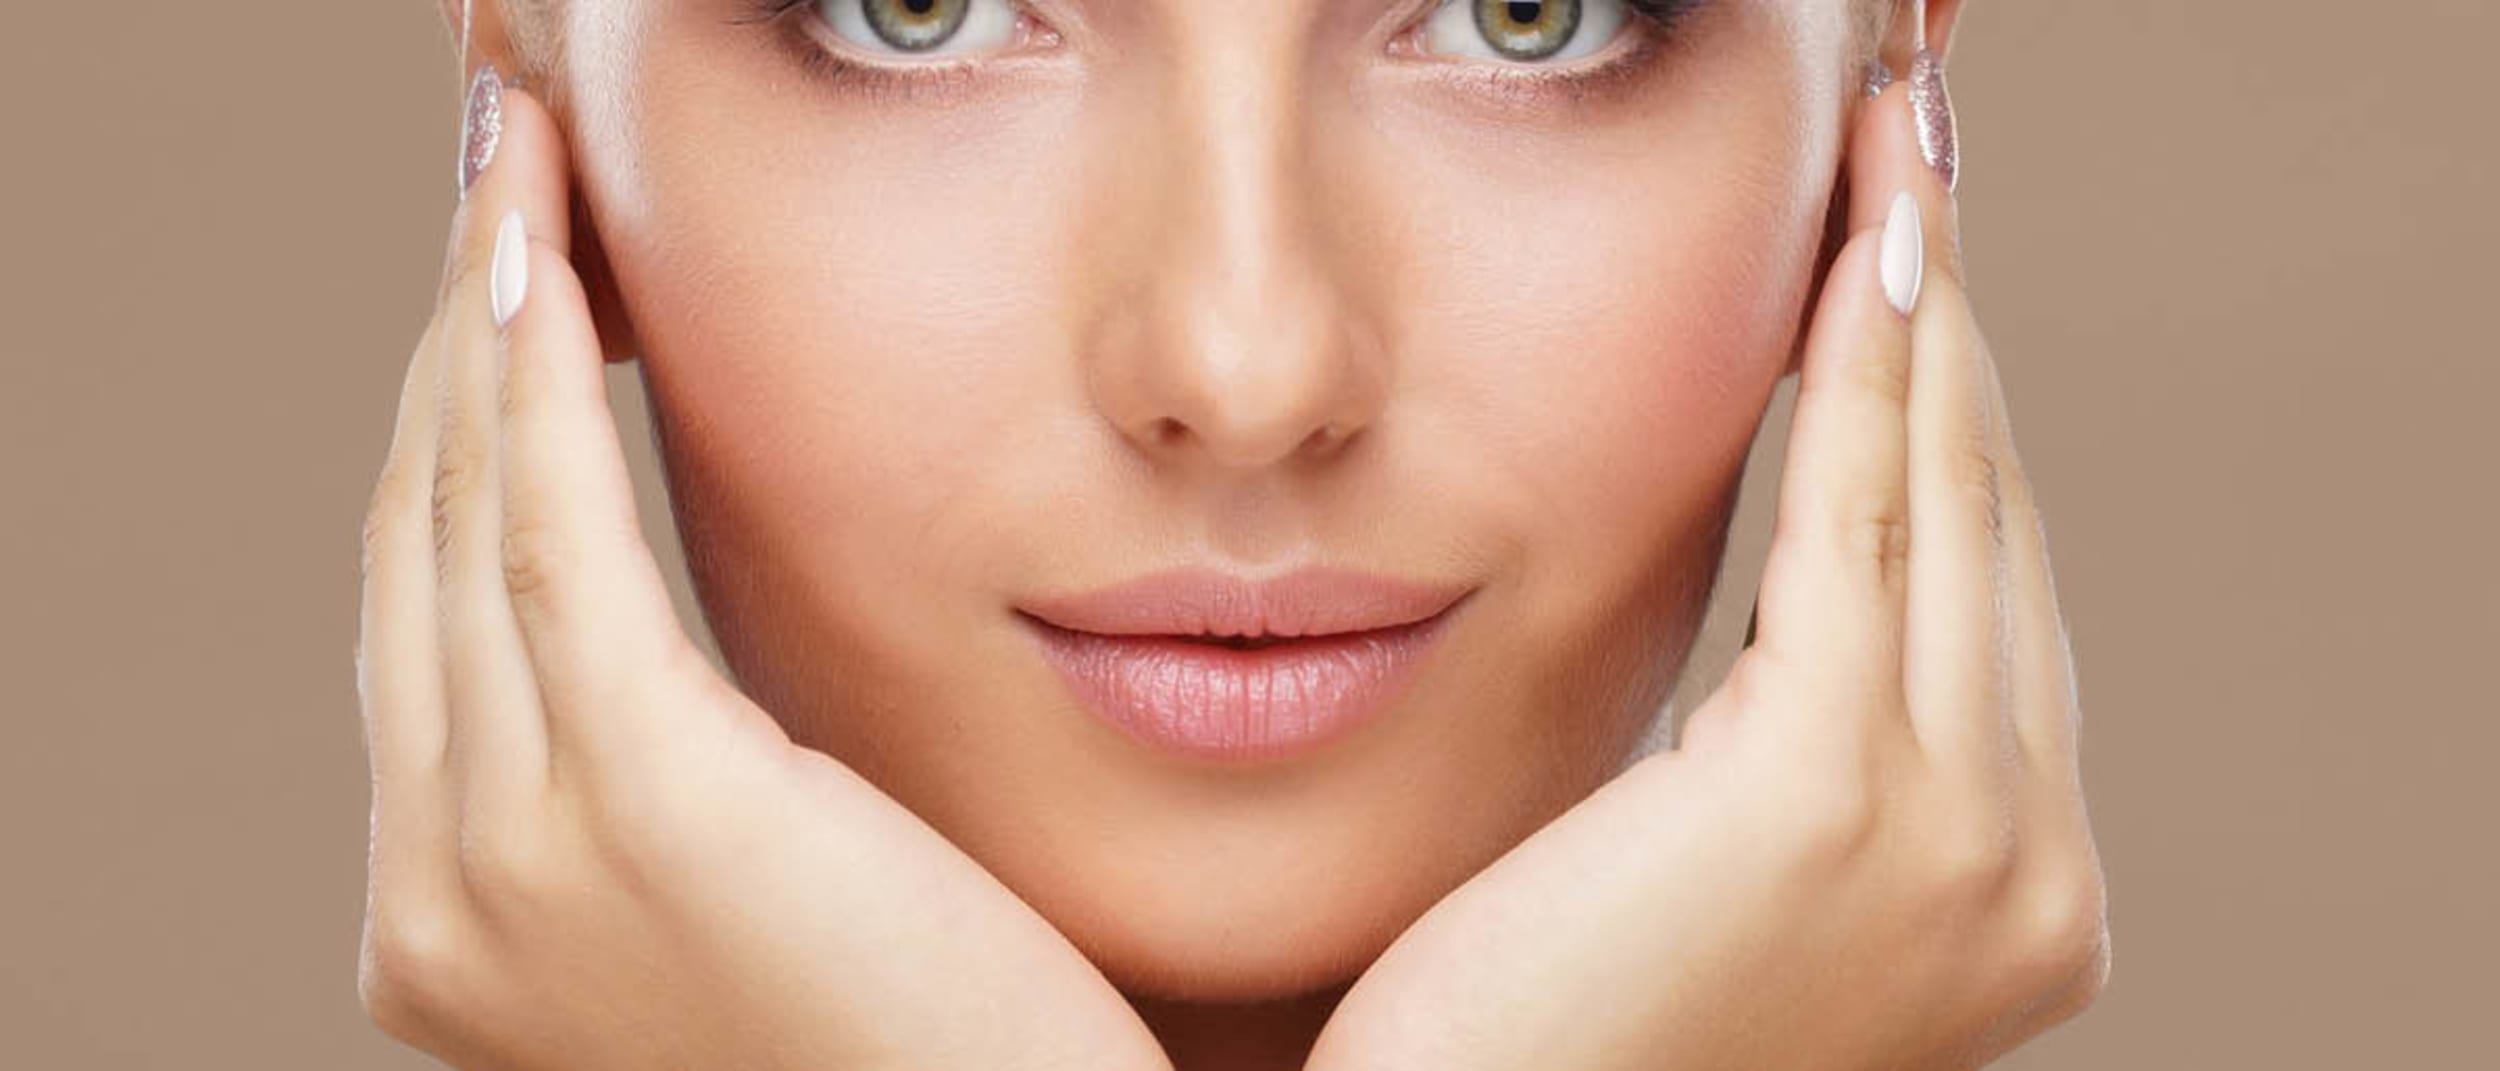 Essential Beauty: Offering asap skin peels!